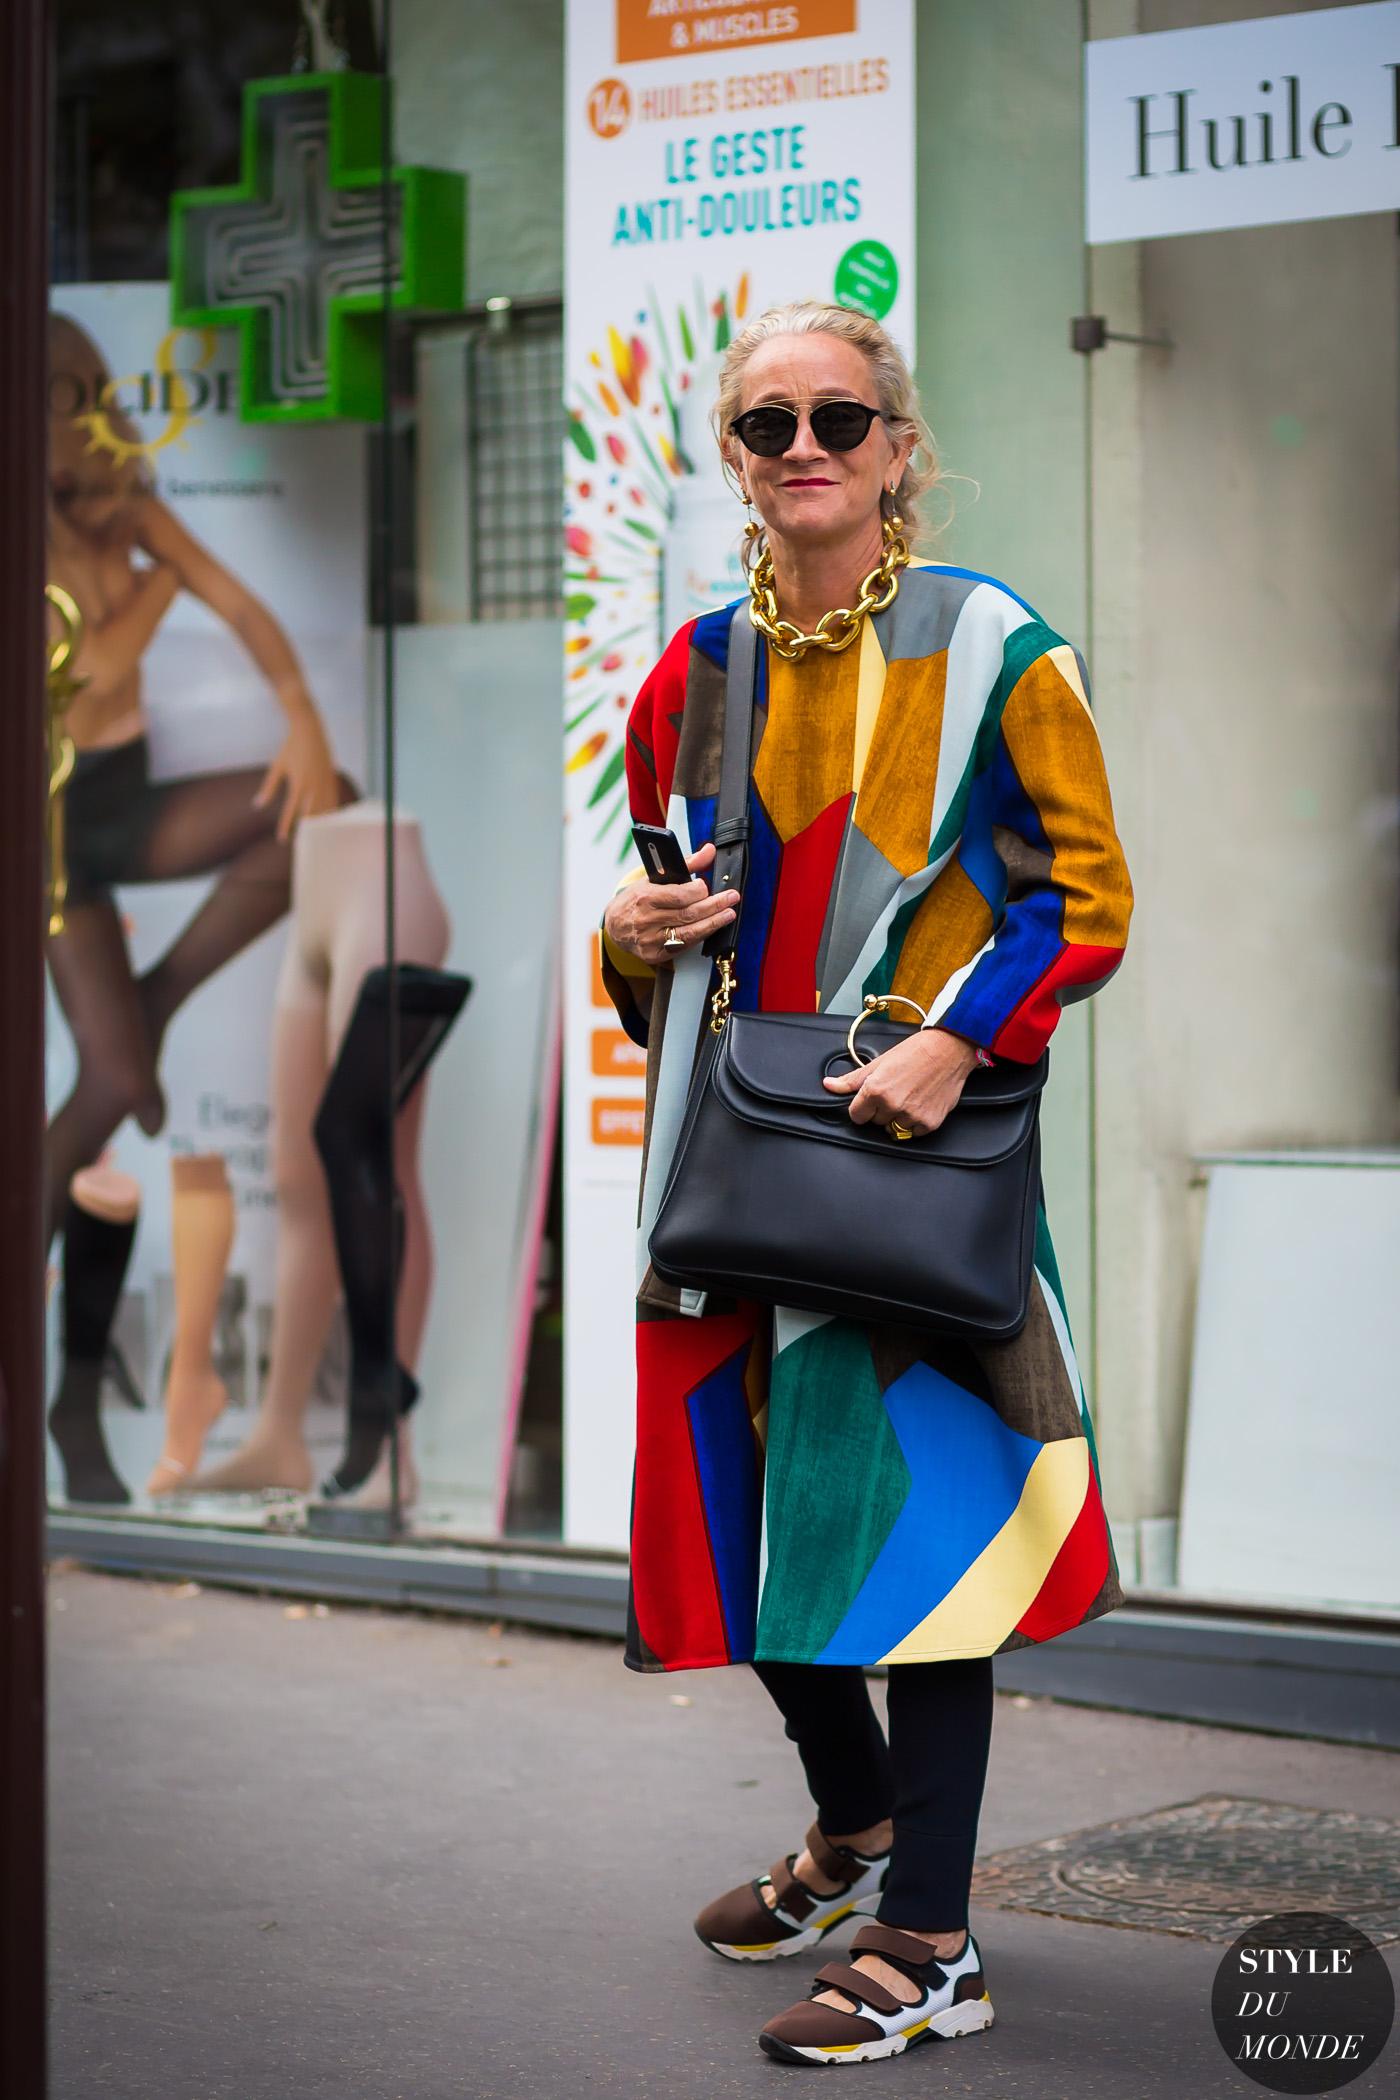 fashionista mặc đồ theo phong cách thời trang maximalism